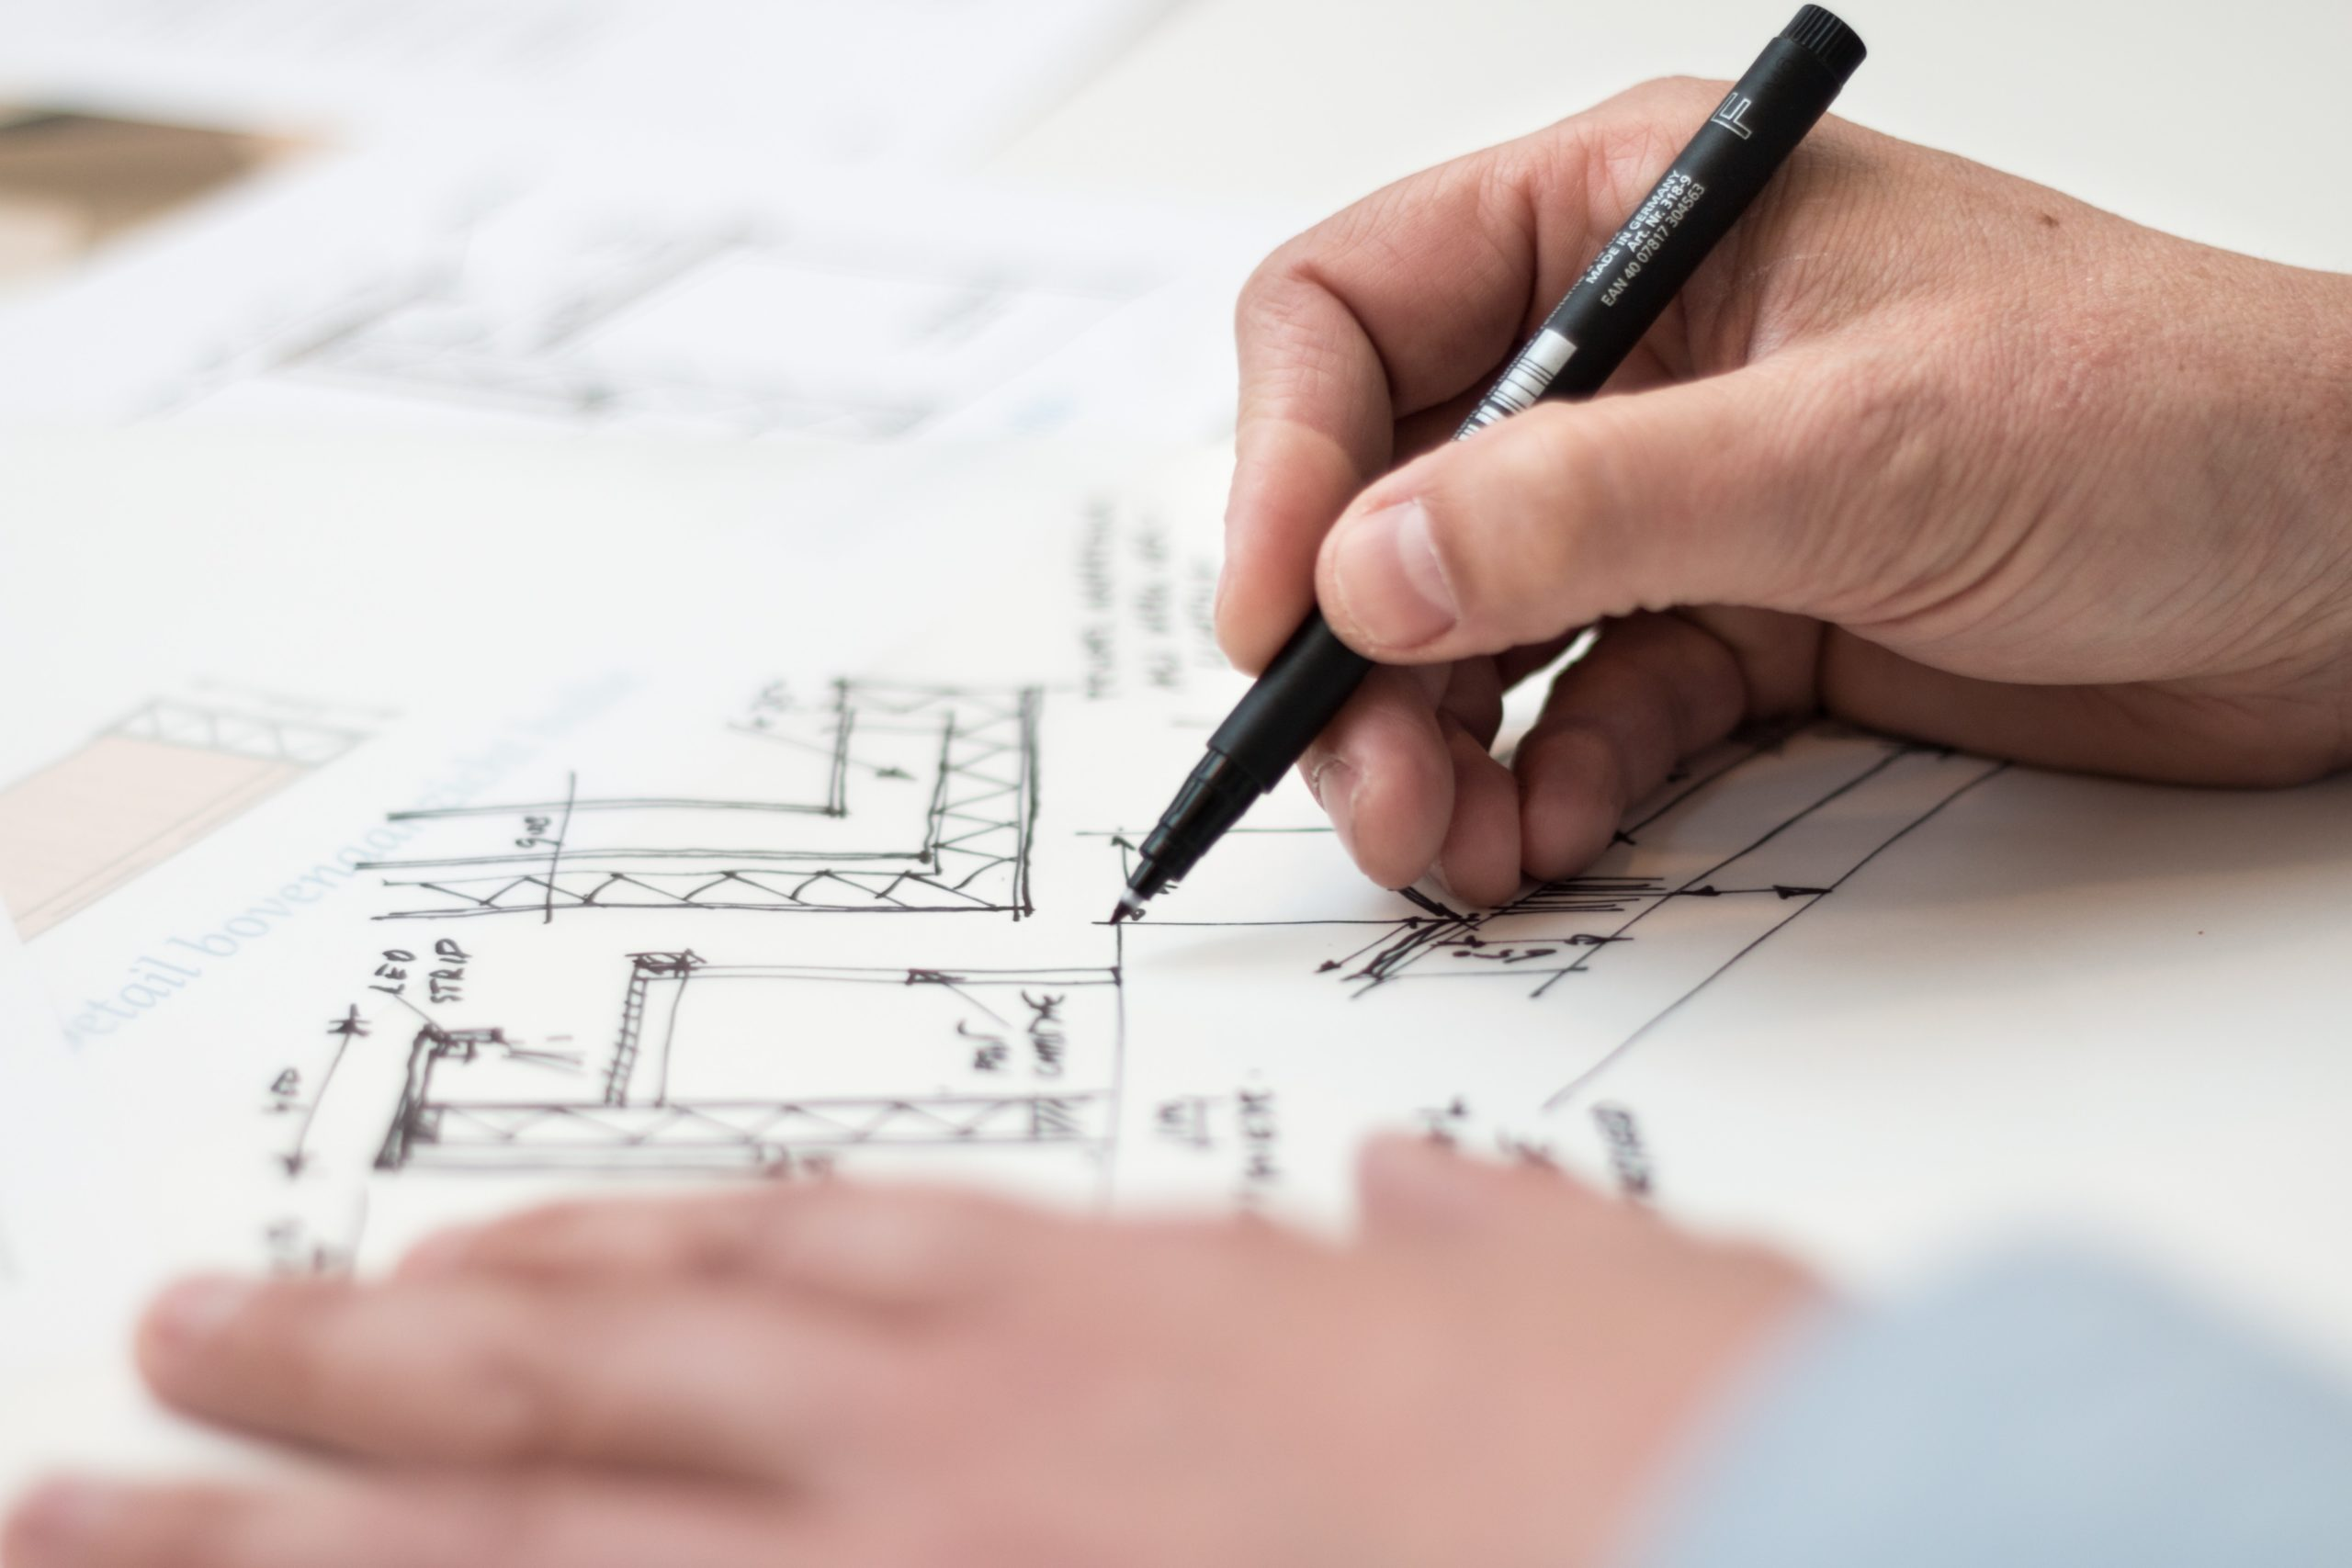 Architekt zeichnet mit Stift